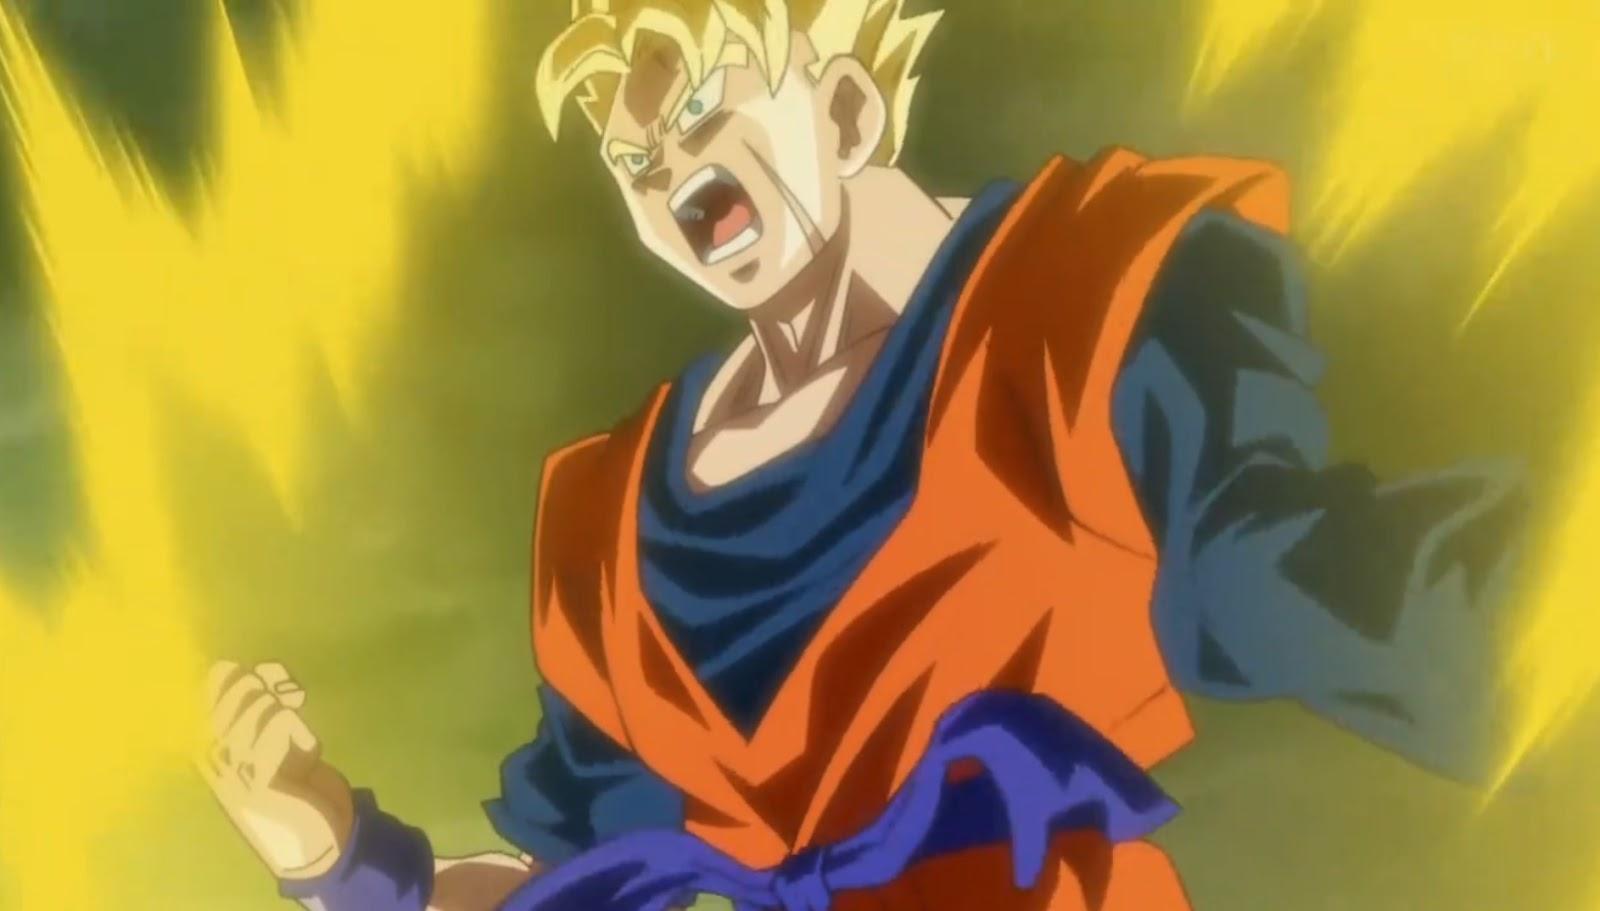 Dragon Ball Super Dublado Episódio 52, Assistir Dragon Ball Super Dublado Episódio 52, Dragon Ball Super Dublado , Dragon Ball Super Dublado - Episódio 52,